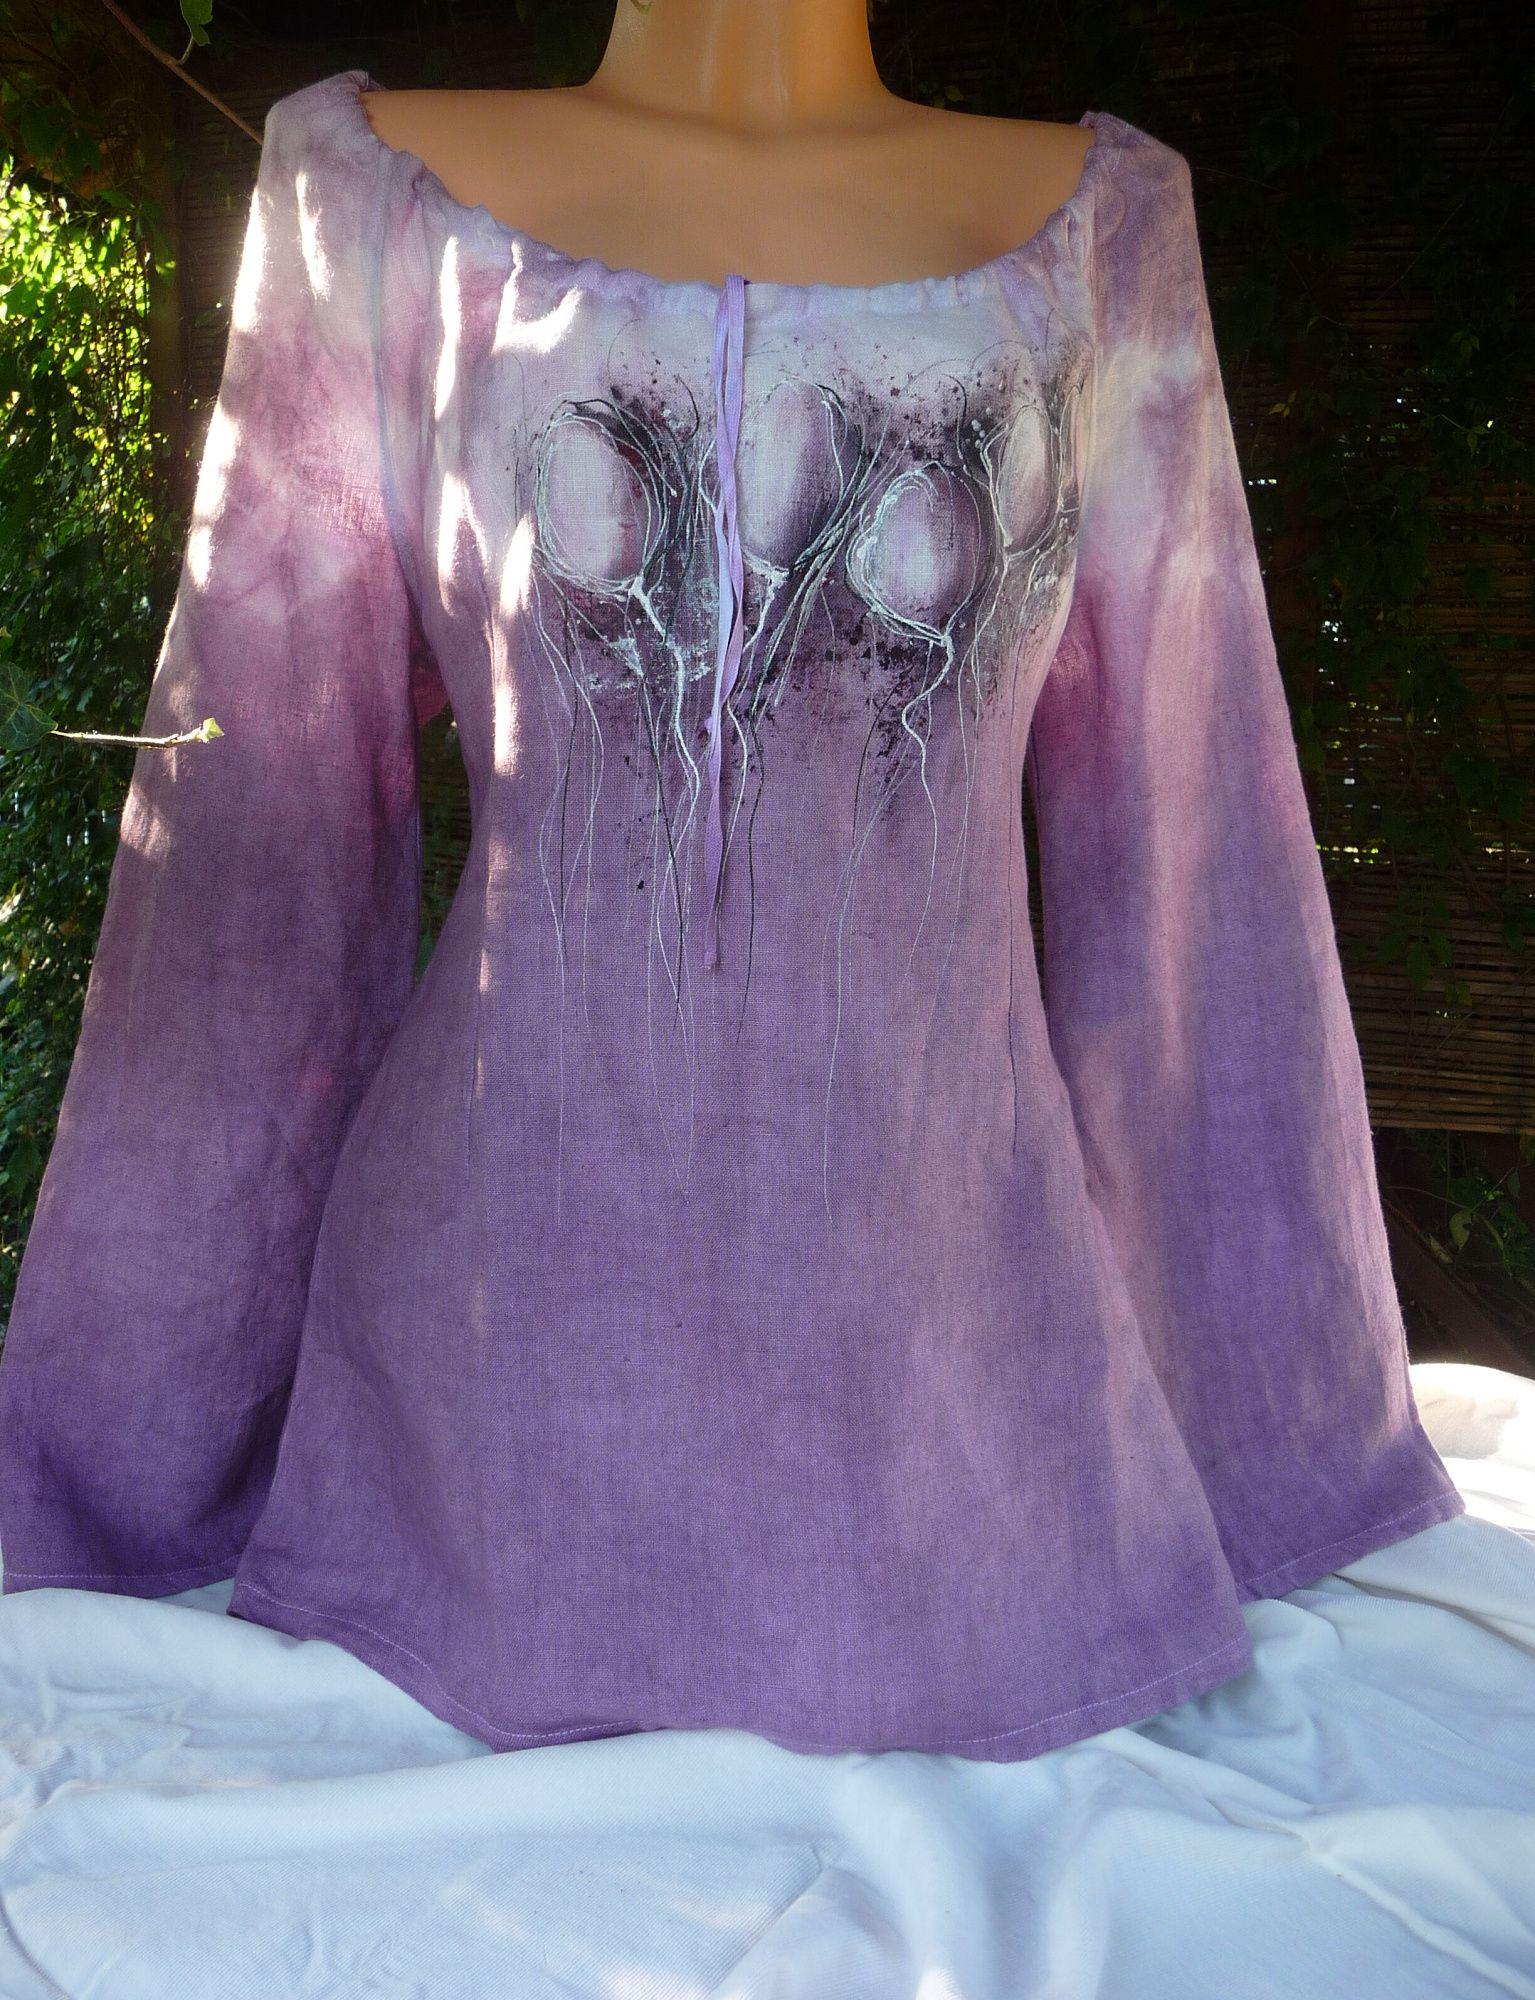 1e70cce0c9d Lněná halenka- vínové květy Ručně malovaná a batikovaná dámská halenka.  Dodání ve všech dostupných